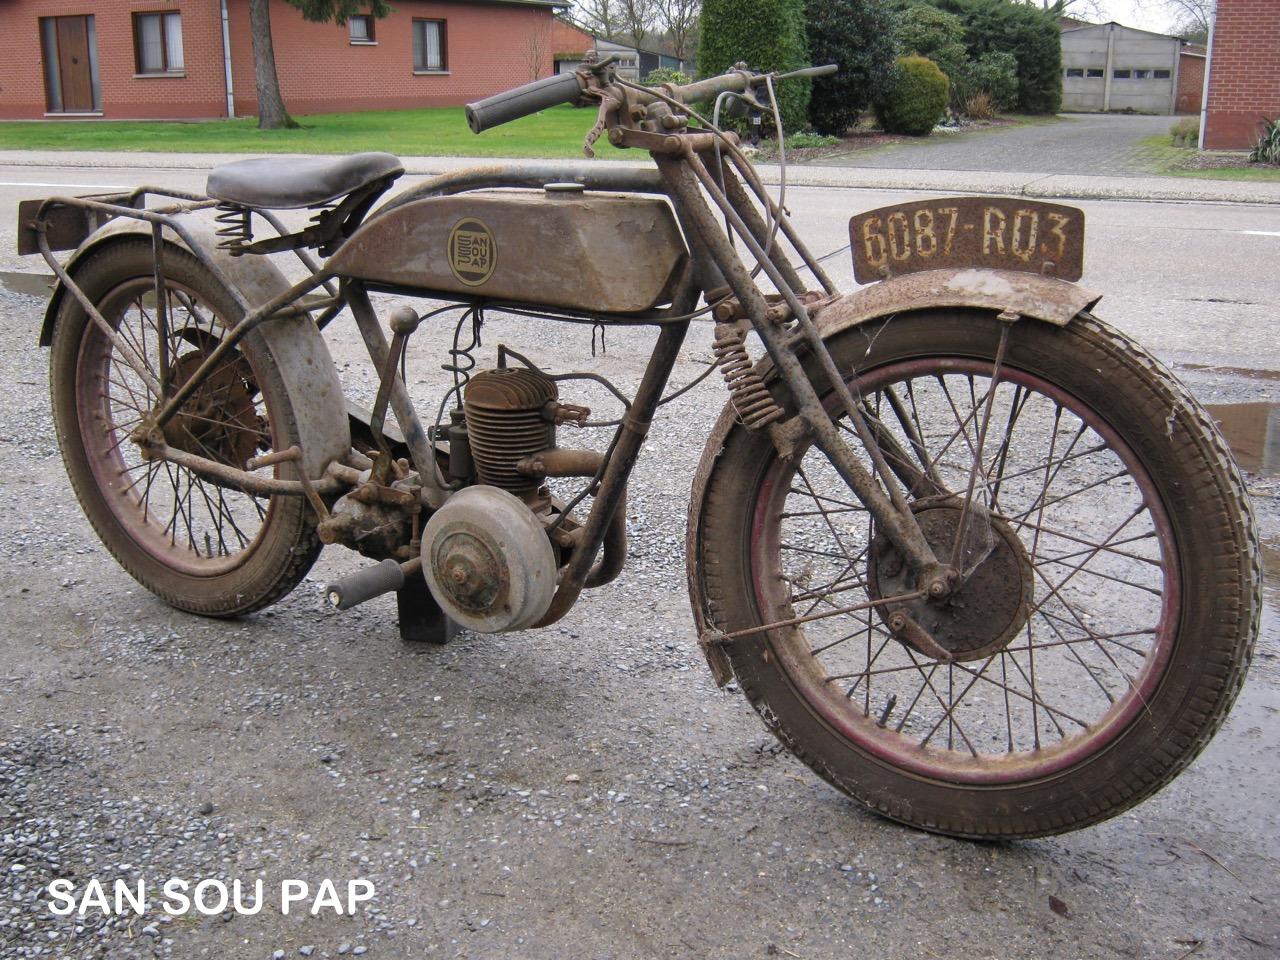 san-sou-pap-3